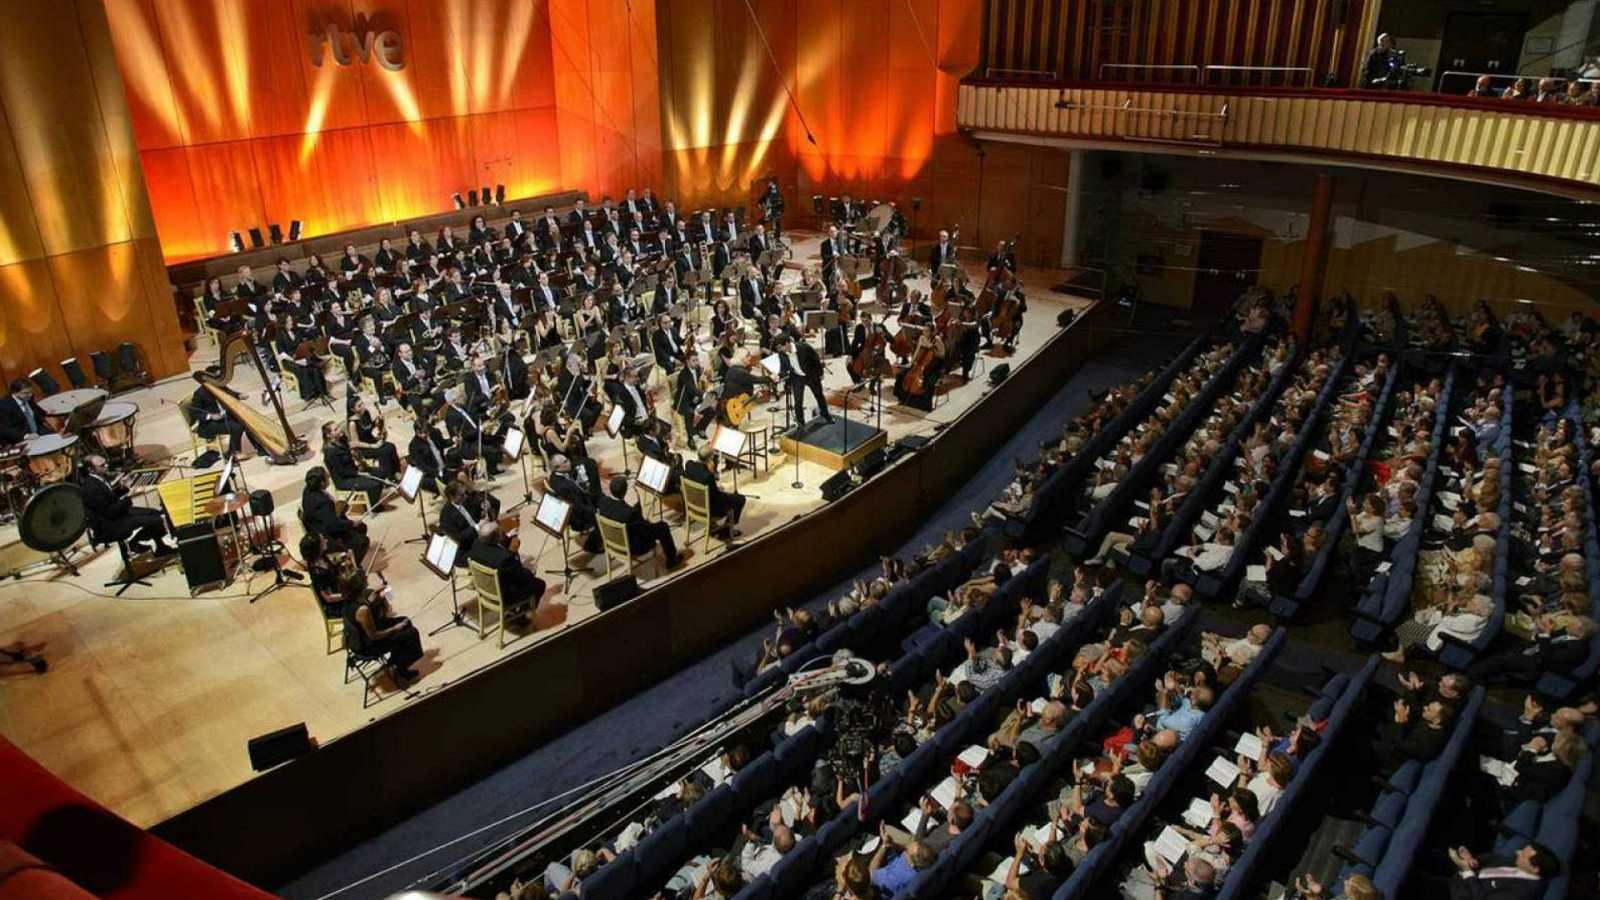 Los conciertos de Radio Clásica - Música iberoamericana para violonchelo y piano - 25/01/20 - escuchar ahora